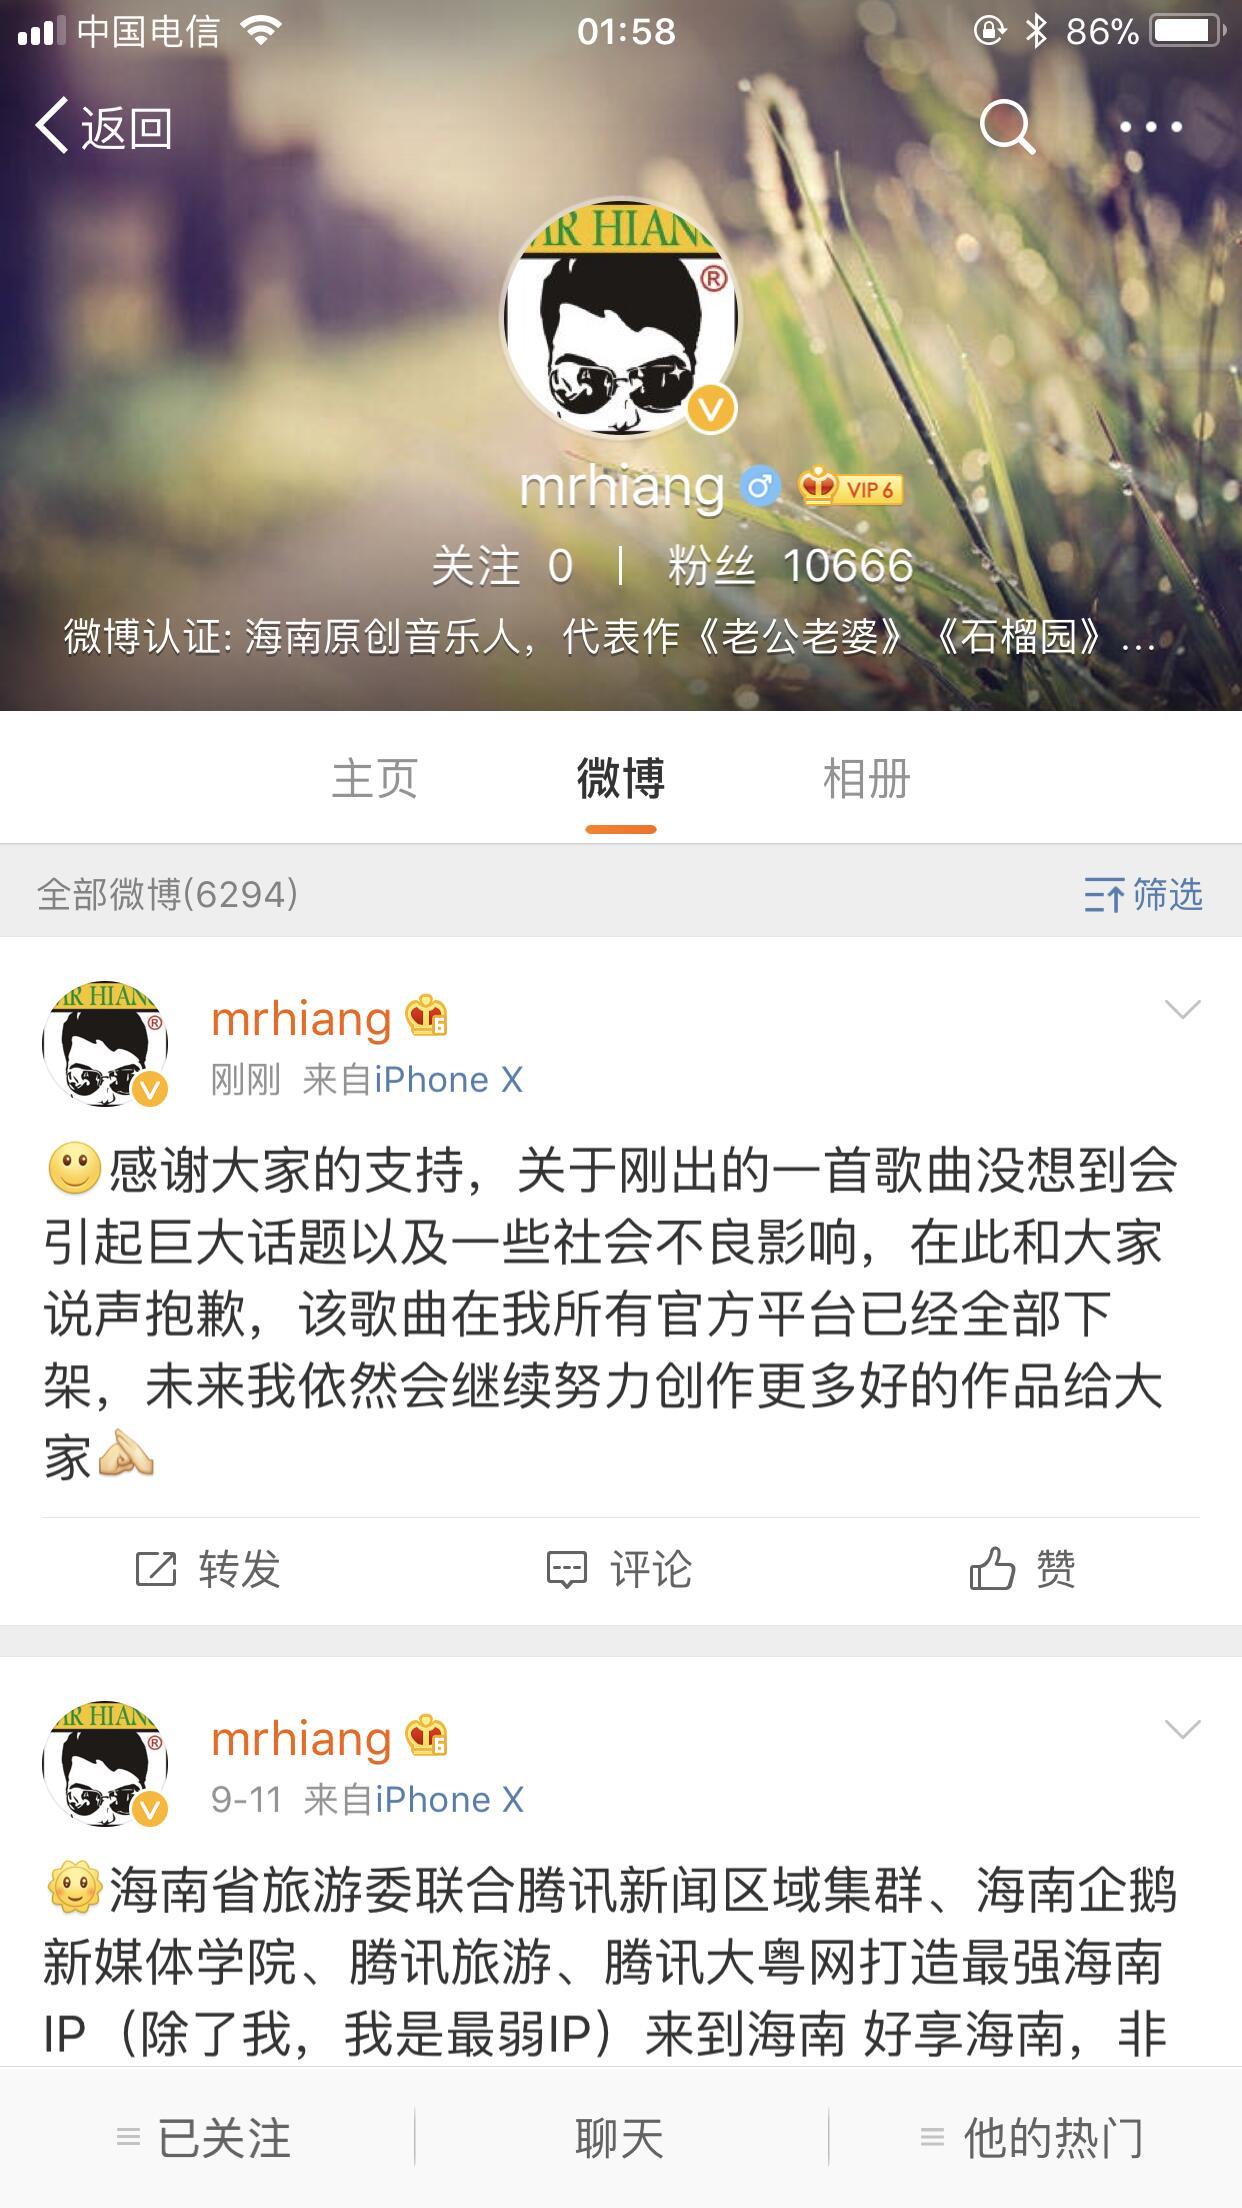 """罚款3万元!""""强哥""""被责令停止从事经营性互联网文化活动并向社会公众道歉"""